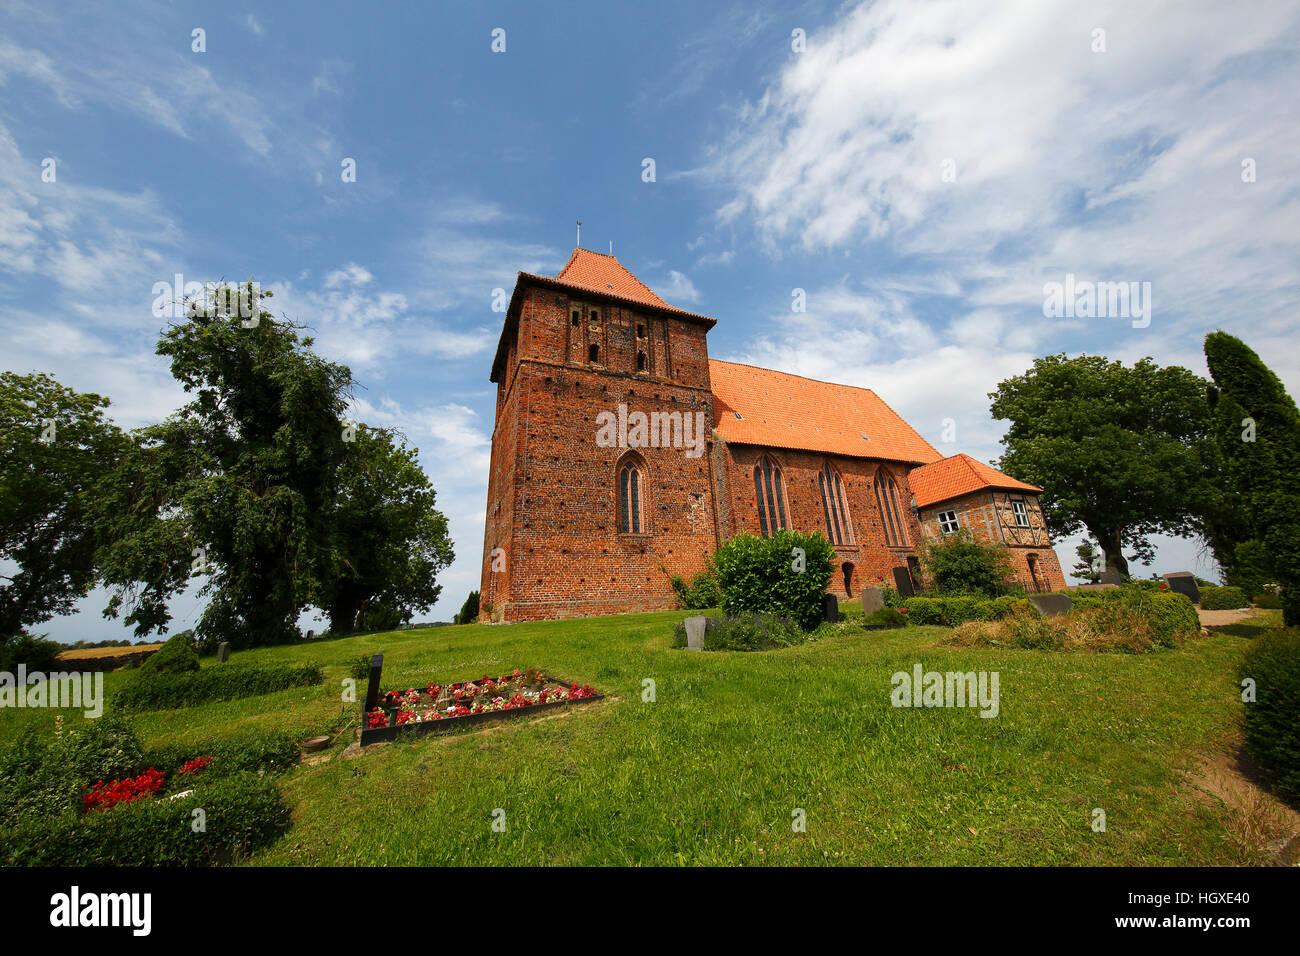 Historische Backstein-Dorfkirche Hohenkirchen aus Dem 15. Halbmonatsschrift, Nordwestmecklenburg, Mecklenburg-Vorpommern, Stockbild